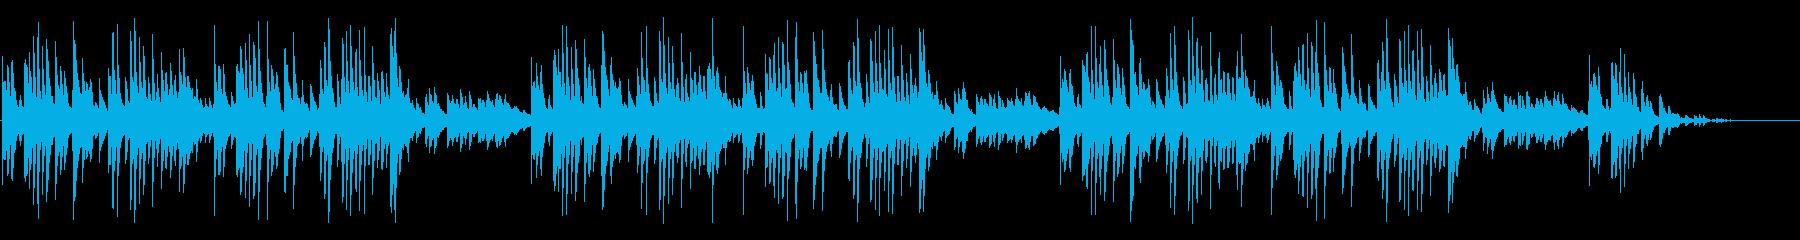 童謡「赤とんぼ」シンプルな琴のアレンジの再生済みの波形